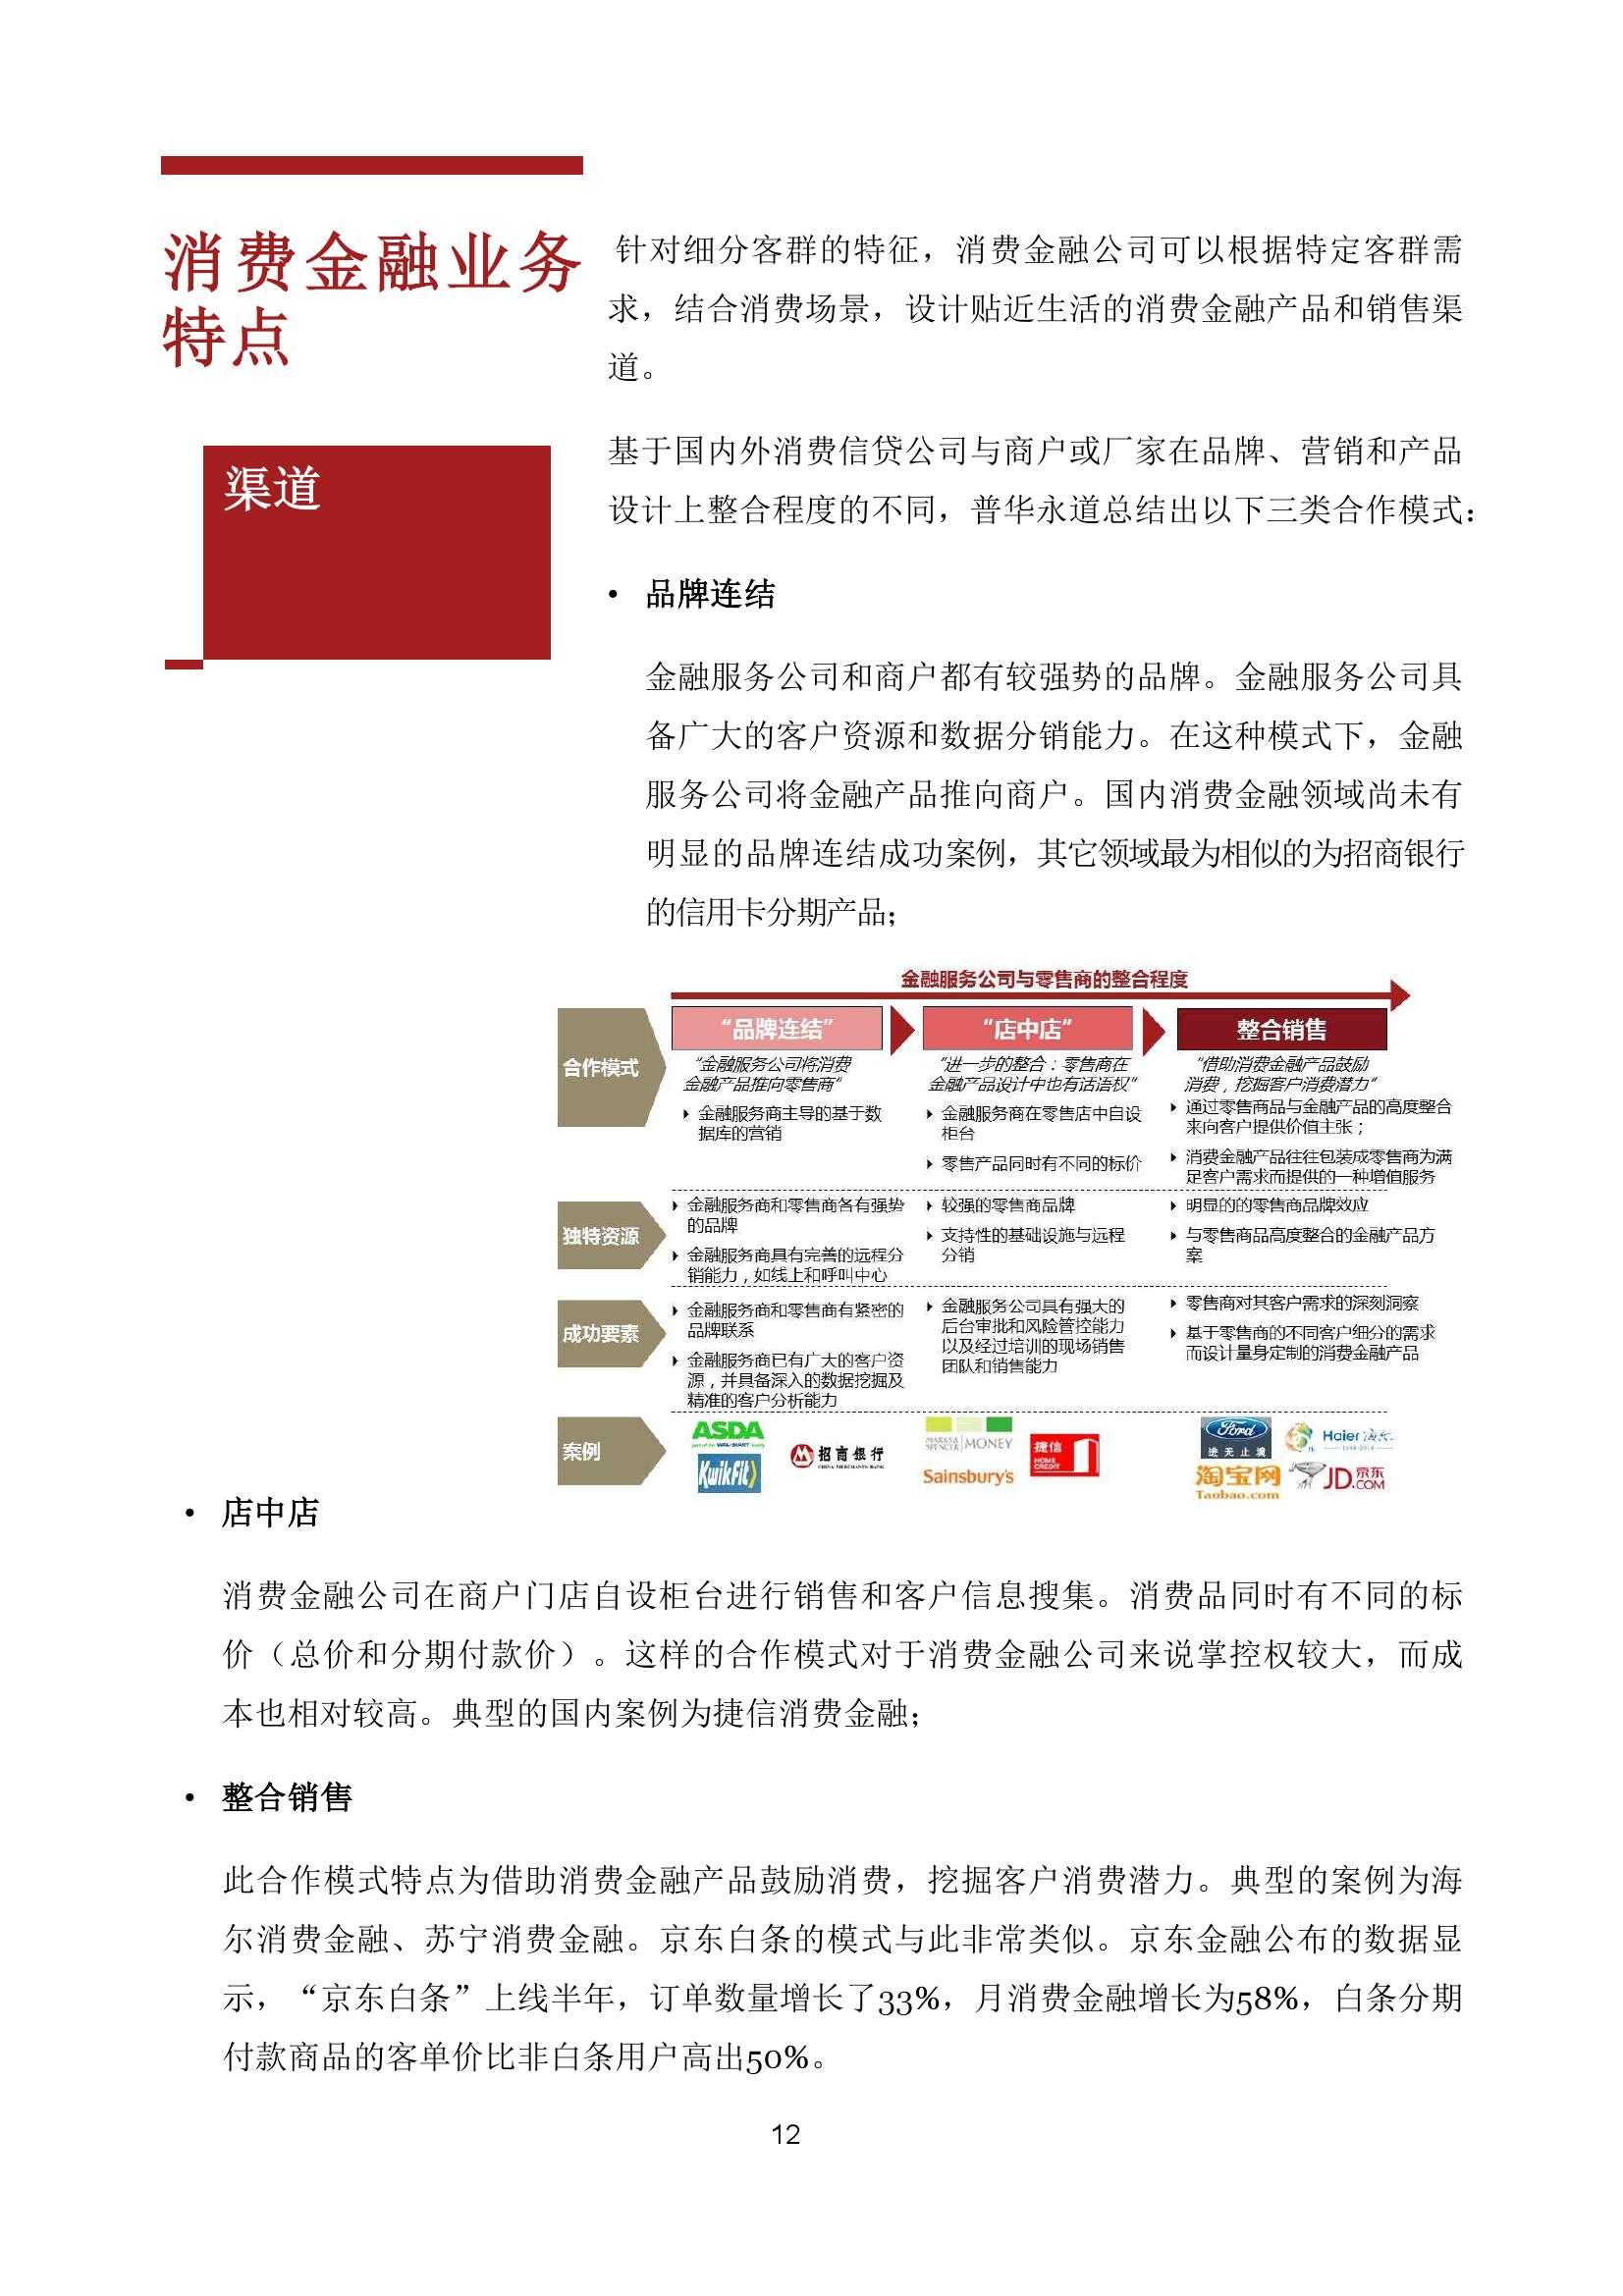 中国零售银行的蓝海_000012